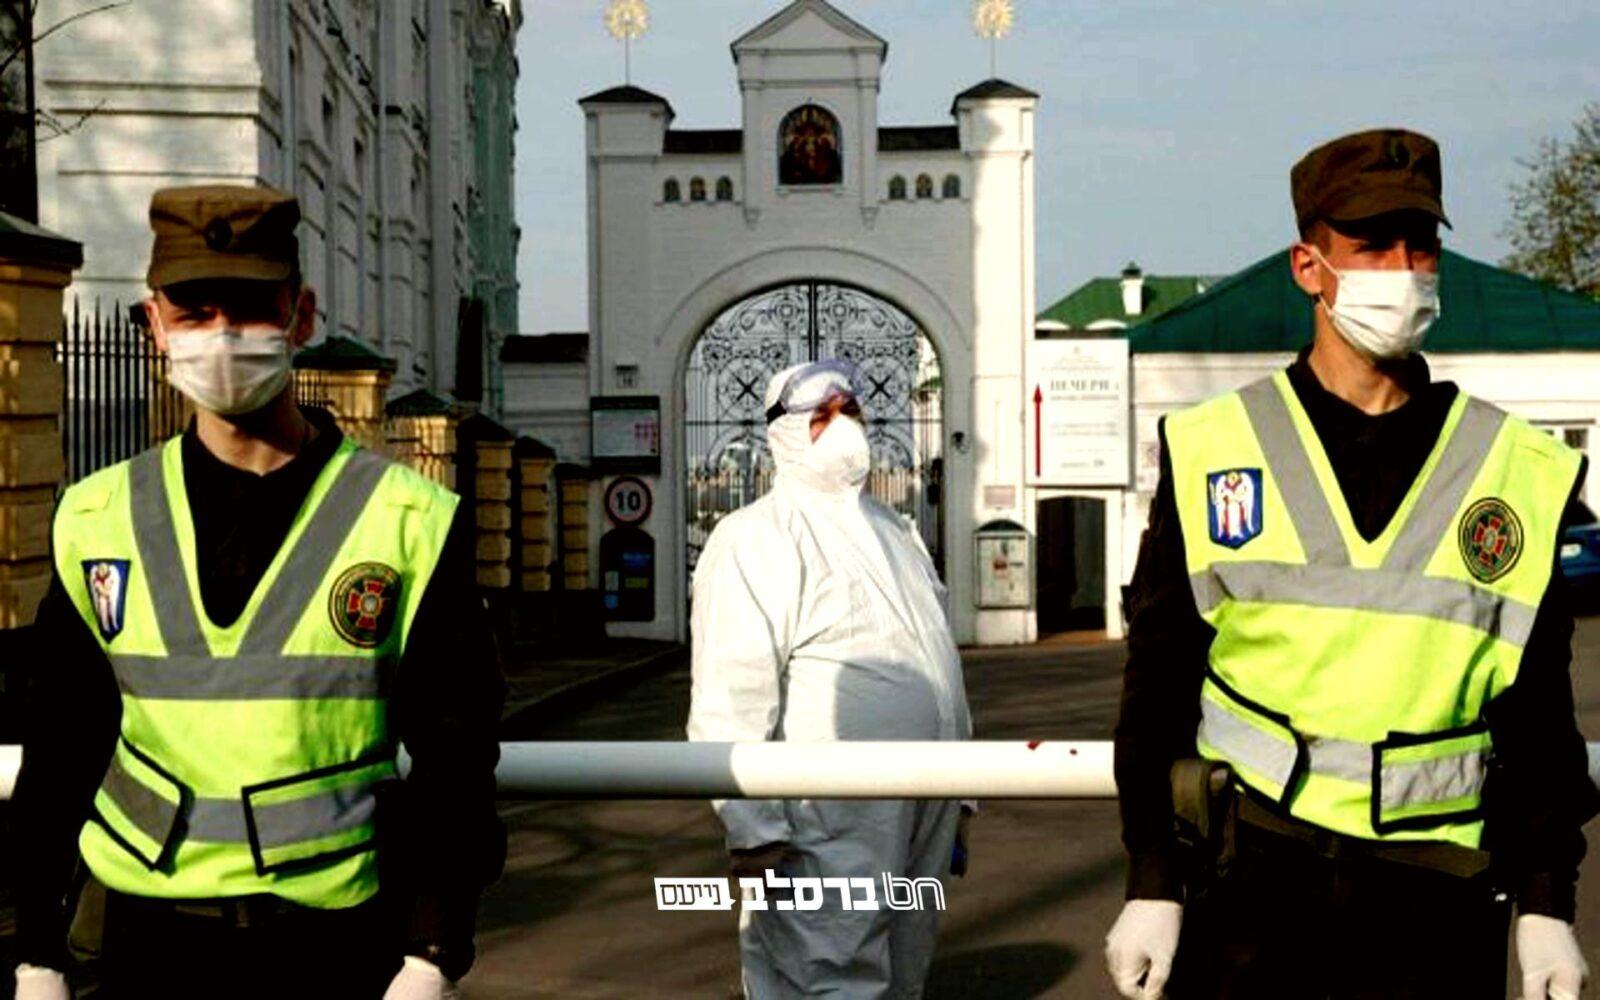 אוקראינה • שיפור בתחלואה, וההתייחסות במשרד הבריאות הישראלי